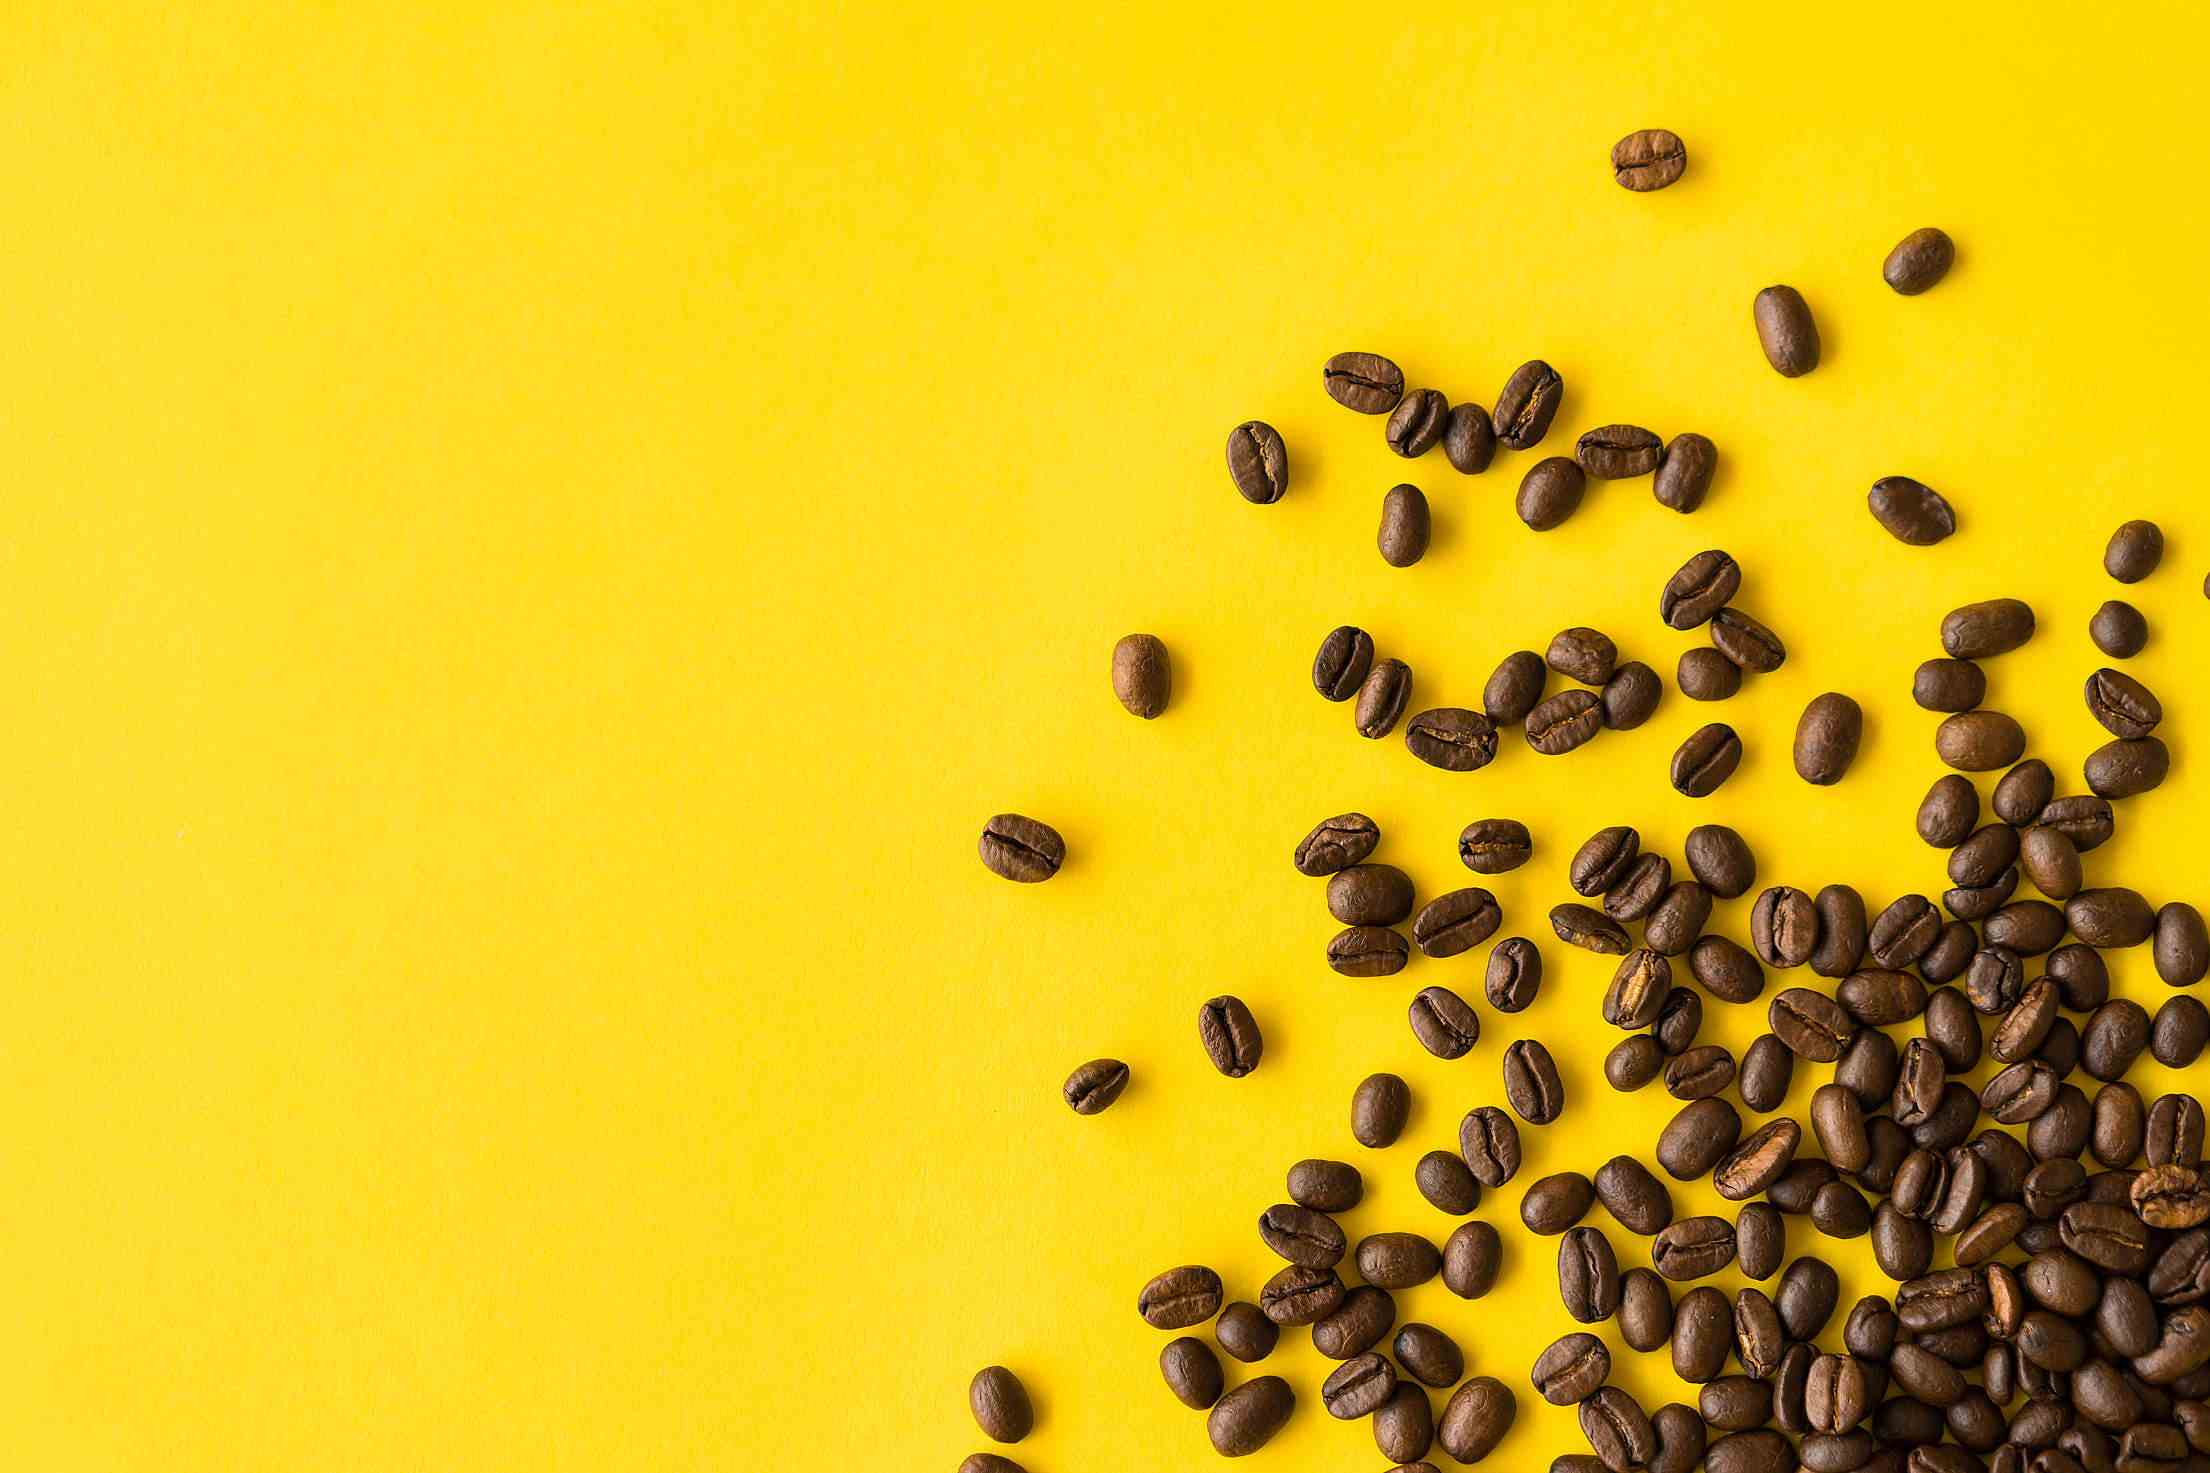 原來韓國人不只是對酒精中毒,對咖啡的依賴也這麼高呢! 只能說壓力真的很大啊~~~